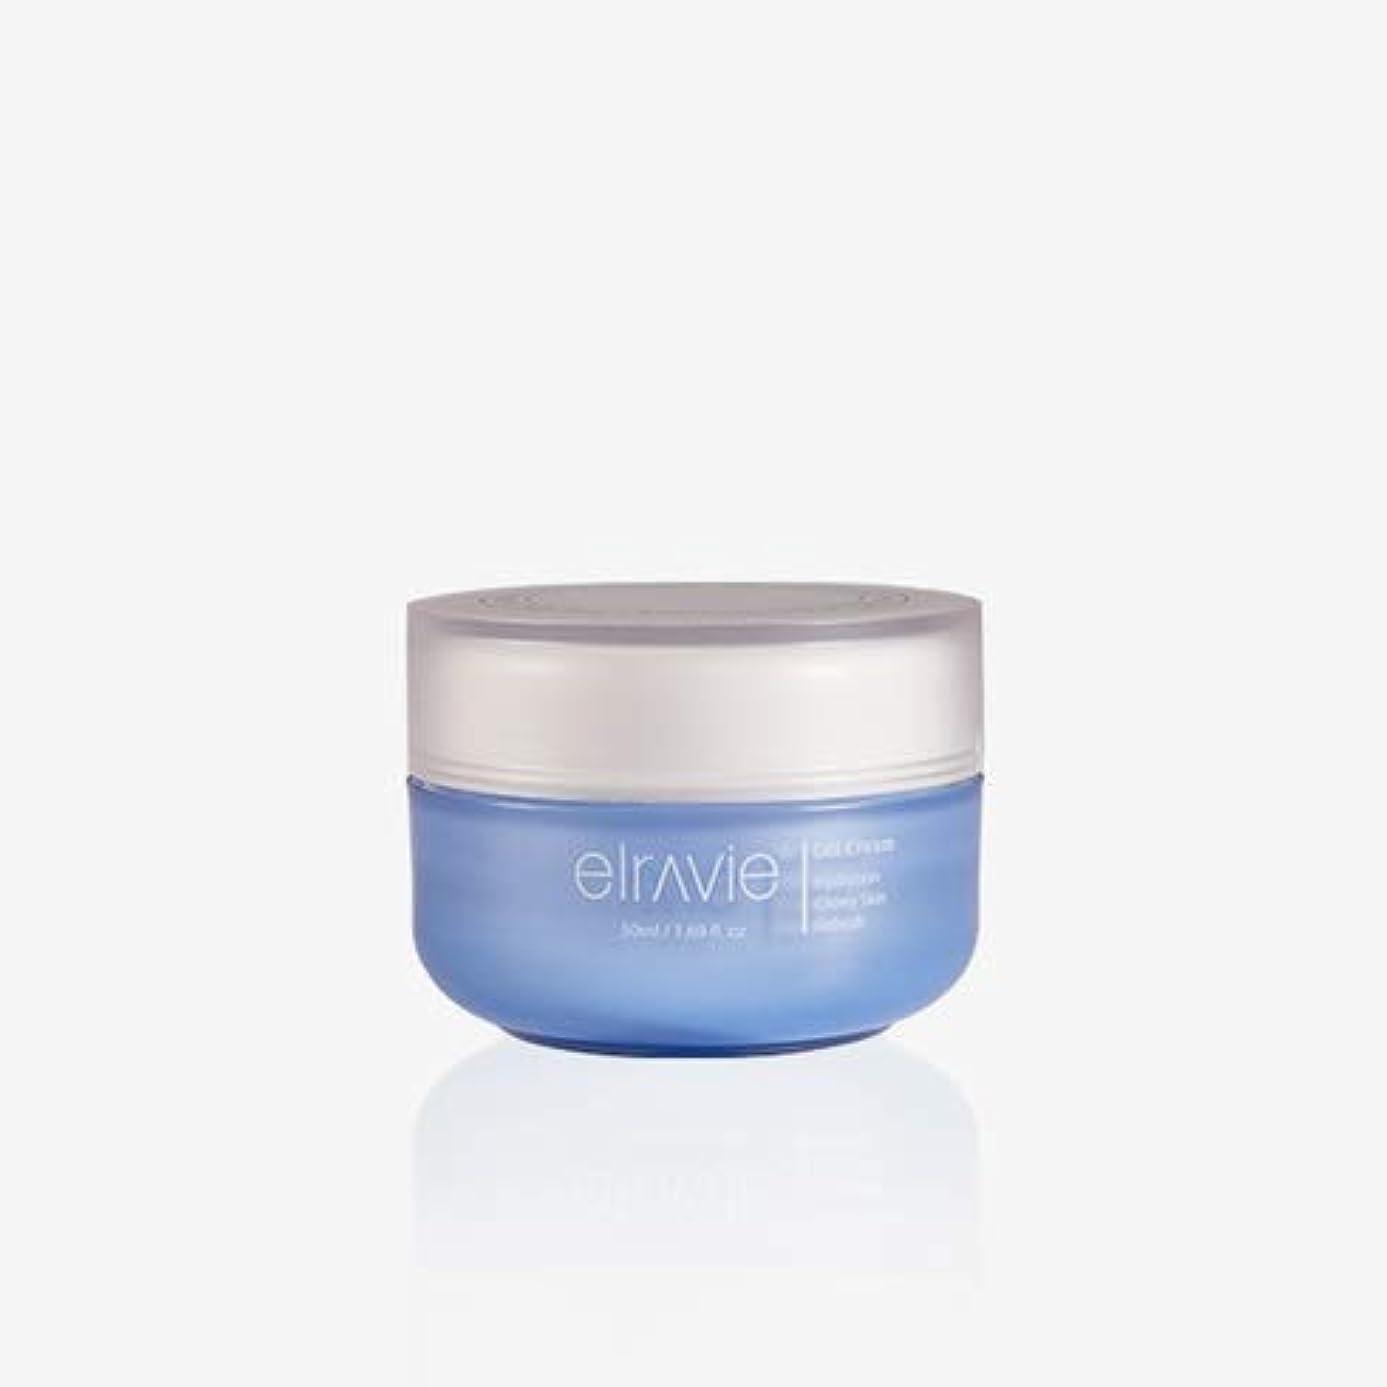 グローコントラスト散文エラヴィー[Elravie] ダーマハイドロエクステンデッドハイジェルクリーム50ml / Derma Hydro Extended Hyal Gel Cream